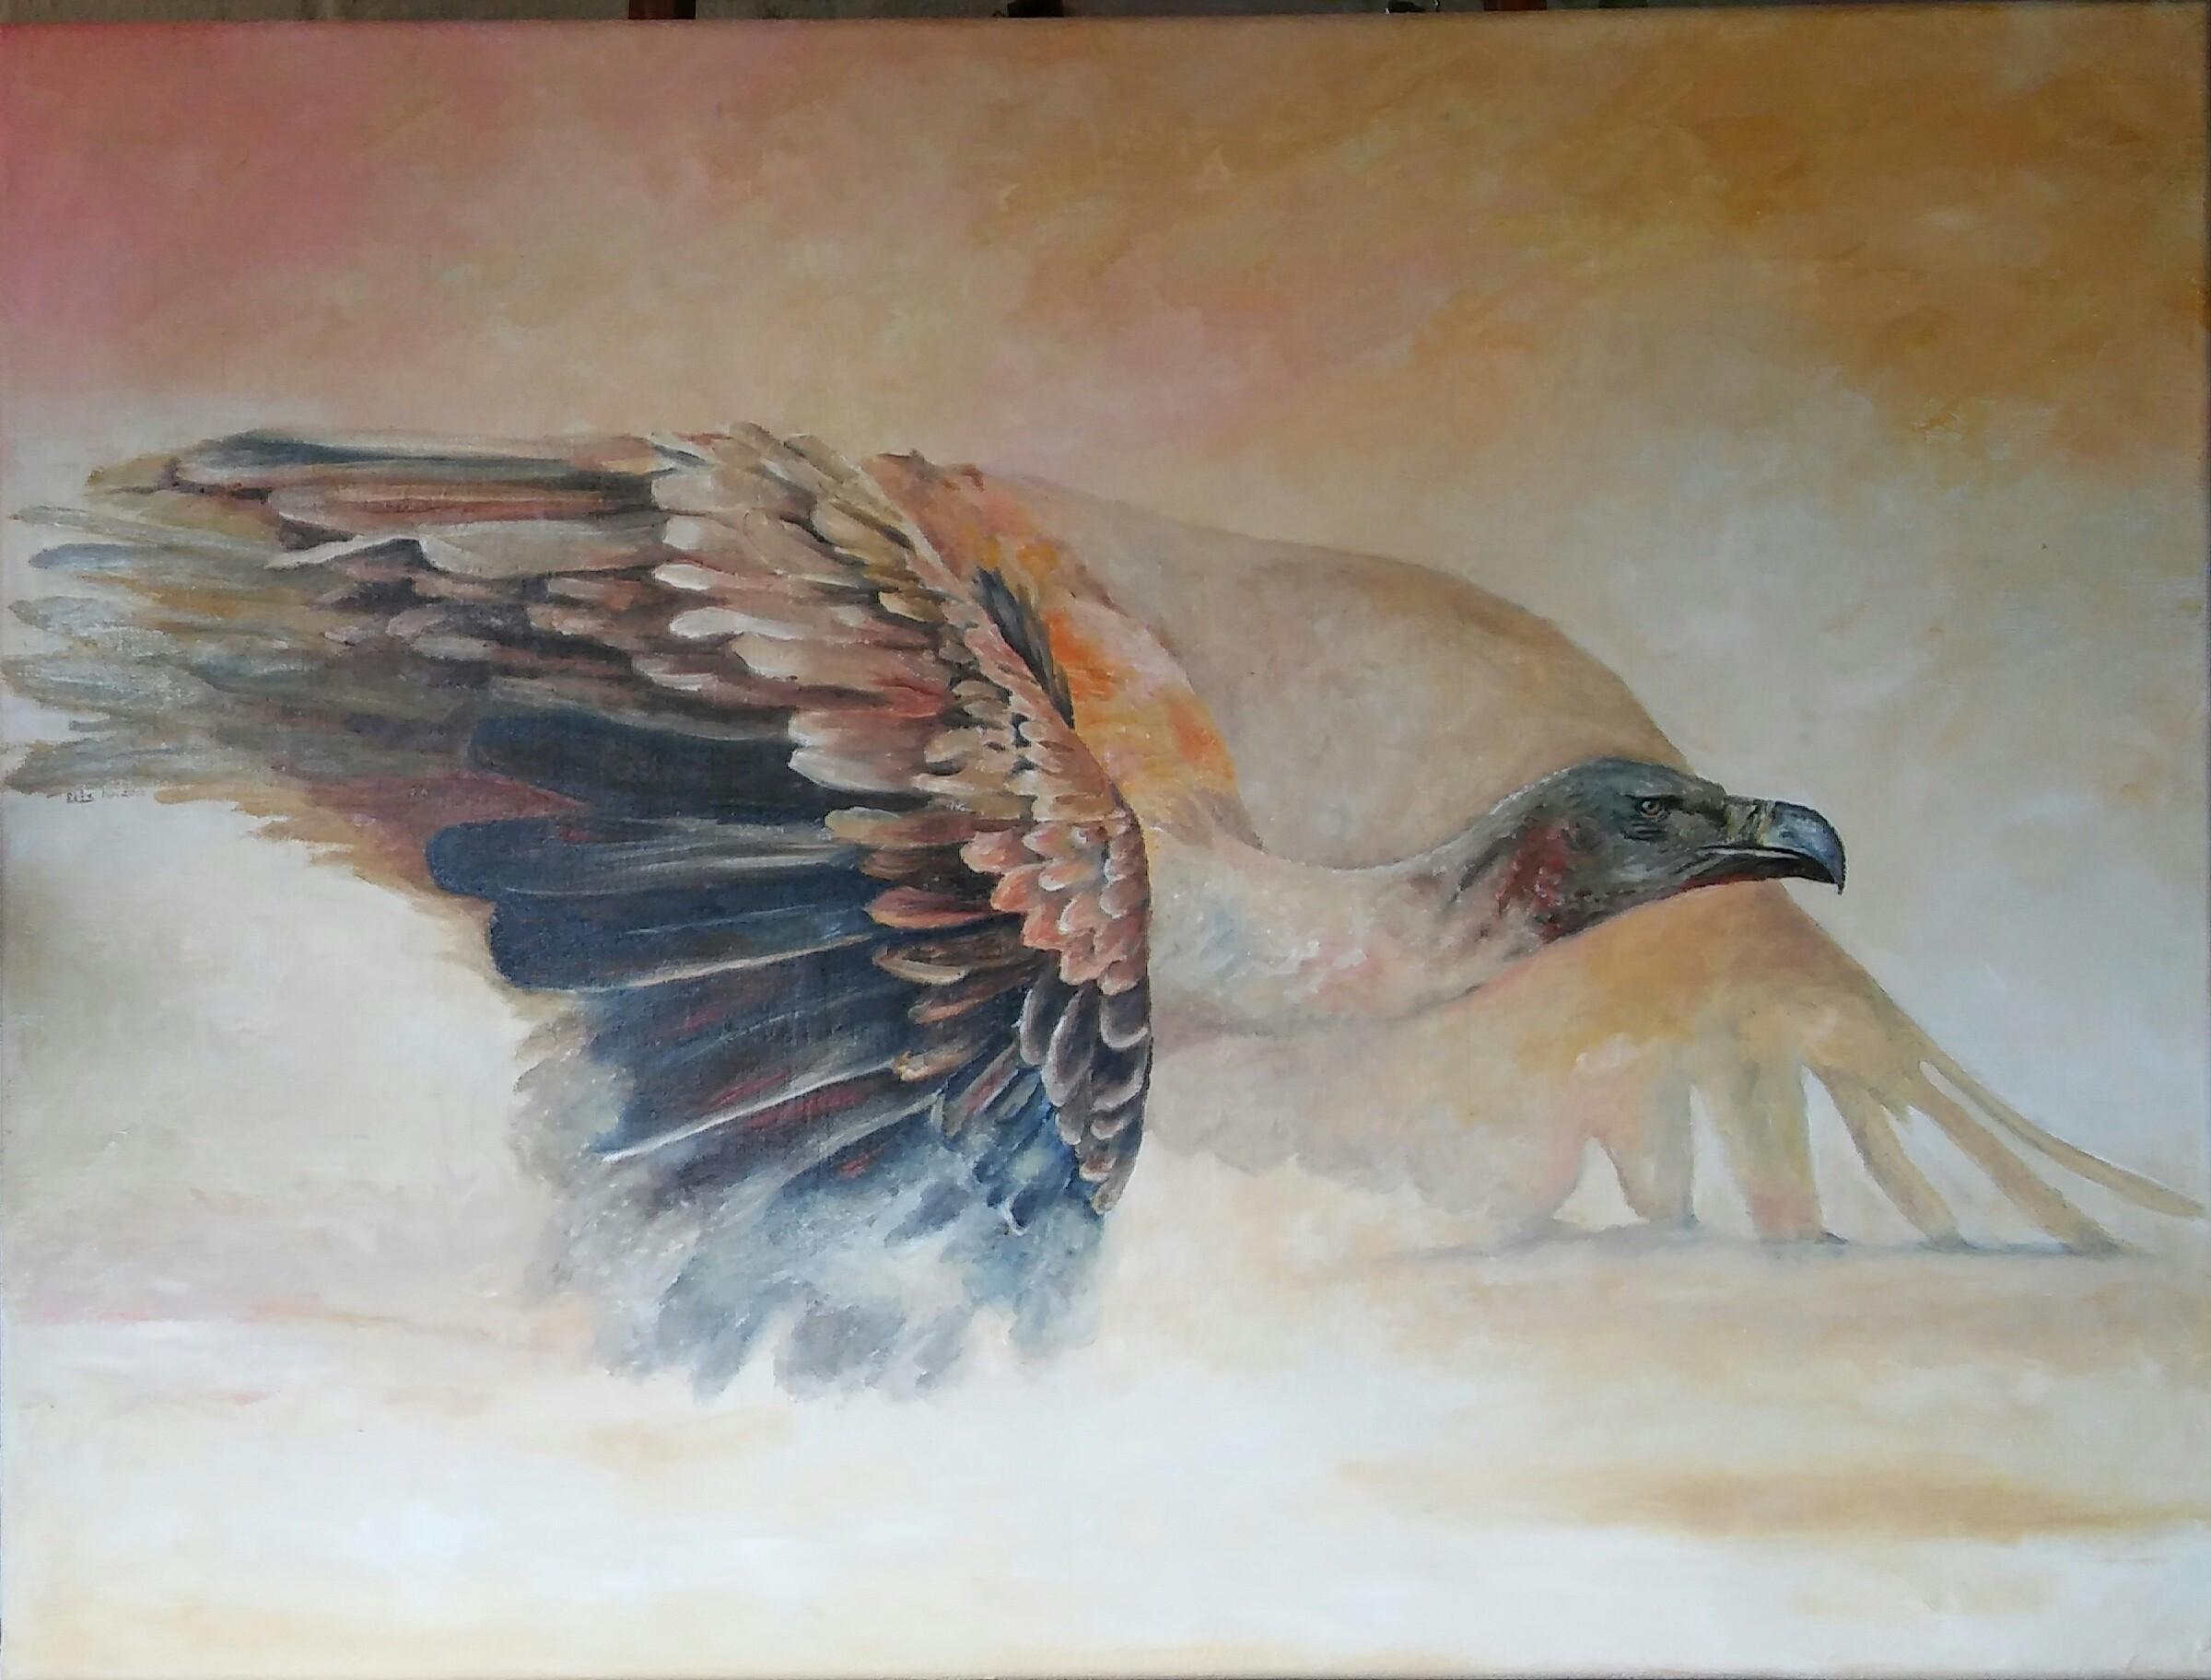 Bets de Bruyn. Artist